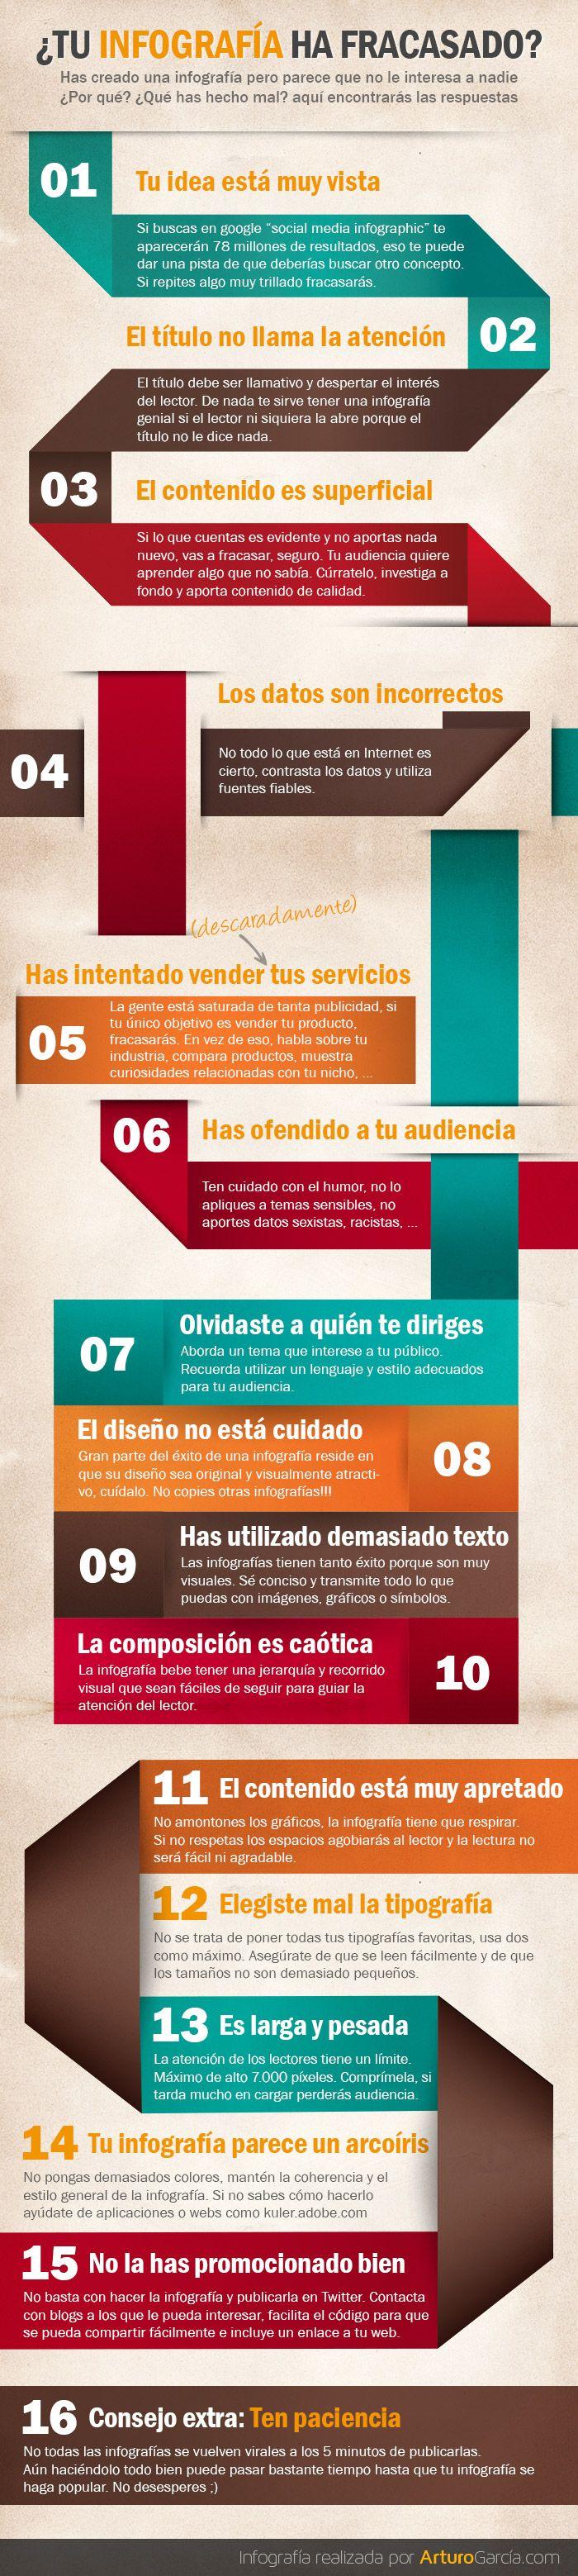 15 cosas que debes evitar si quieres que tu infografía viralice bien